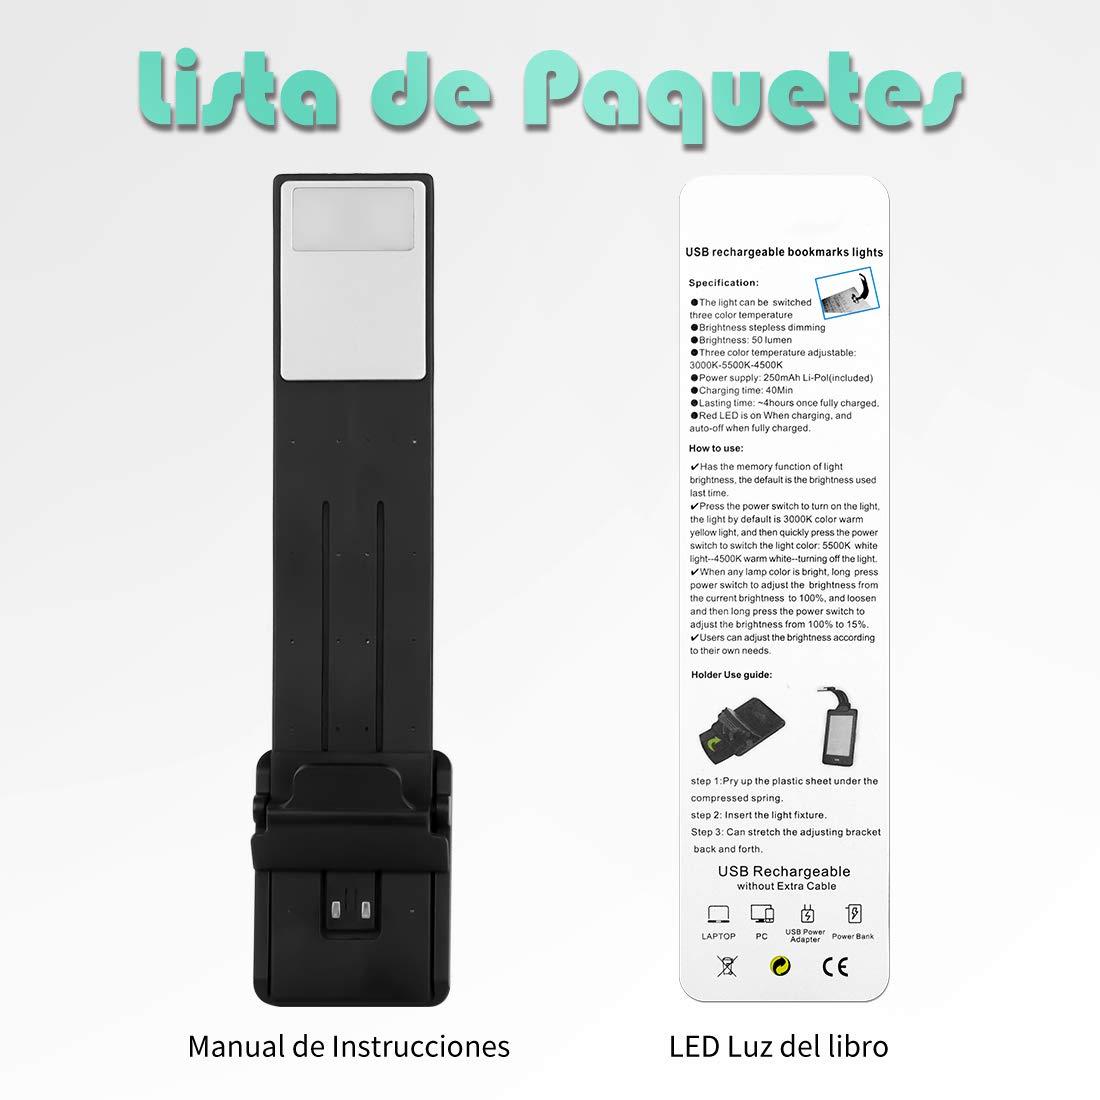 Gocheer Lámpara de lectura, luz de lectura LED cálida de 5500 K, USB recargable con cuidado de los ojos flexible de brillo ajustable de 3 niveles, con clip para Kindle, libro y lectura en la cama…